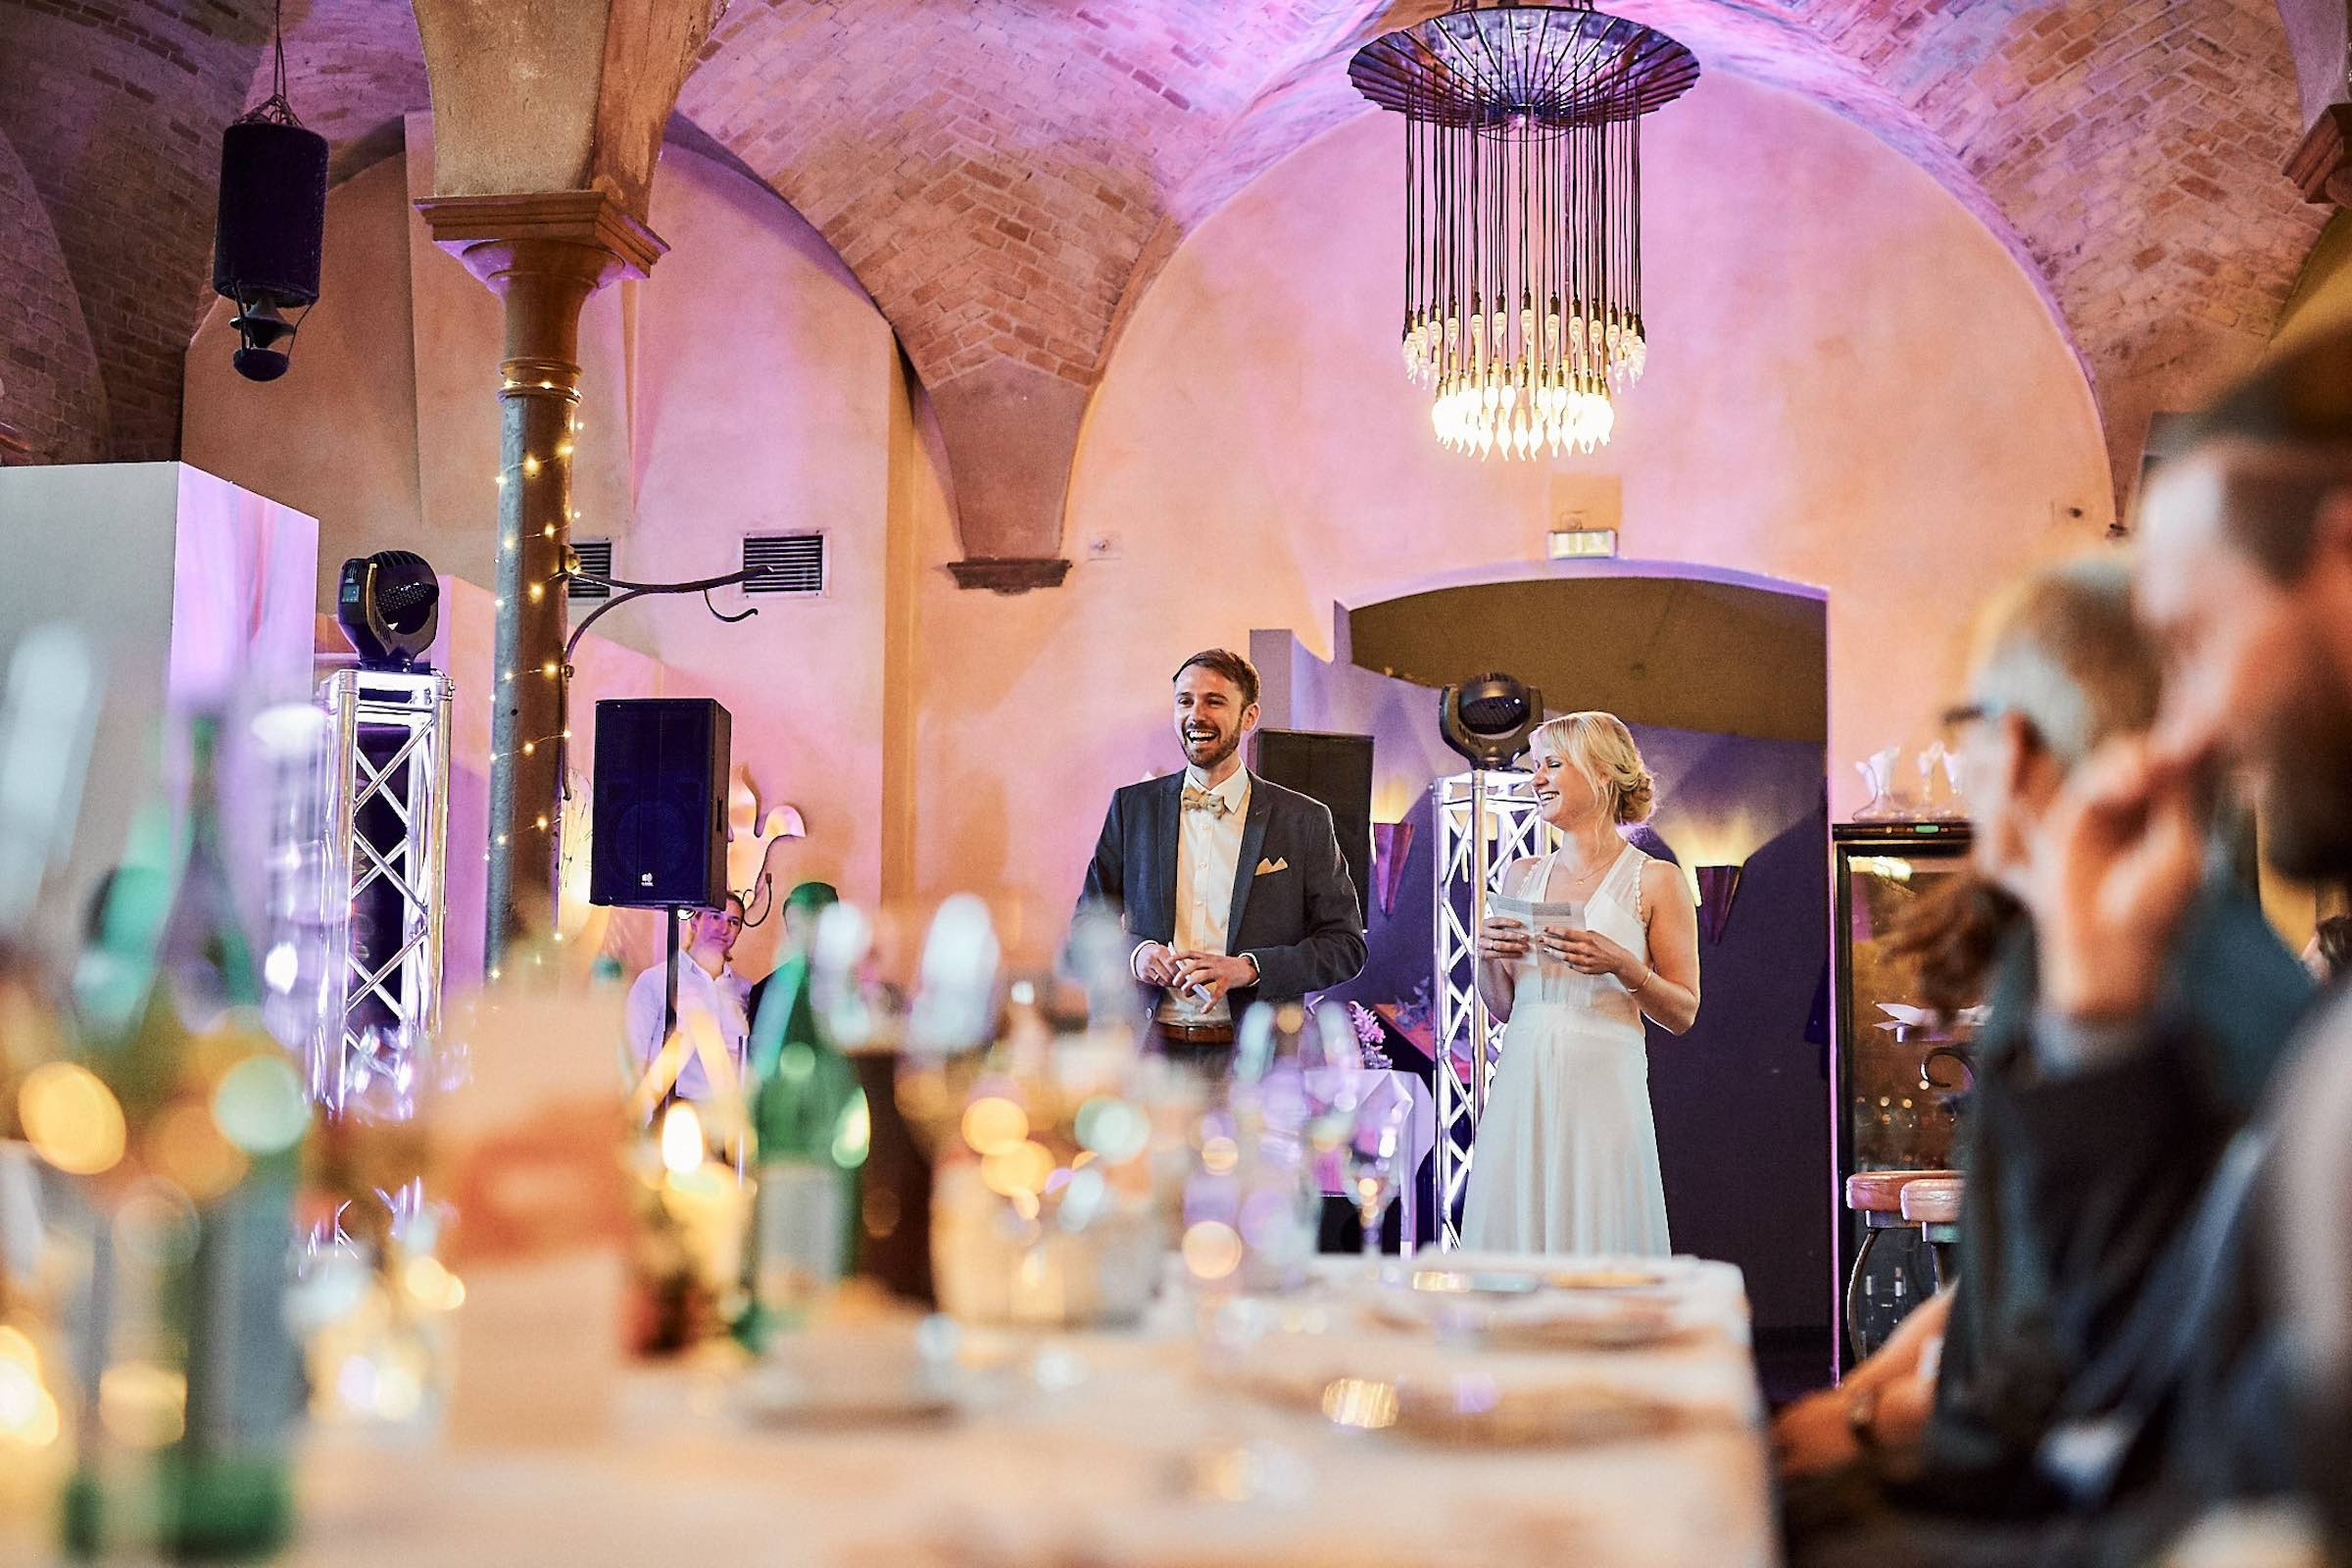 DJ |Hannover |Hochzeit |DJ |Messe |DJ |Firmenevent |Firmenfeier |DJ |Geburtstag |DJ |Weihnachtsfeier |DJ |Sommerfest |Event |Anfragen |Buchen |Lehmann |Eventservice